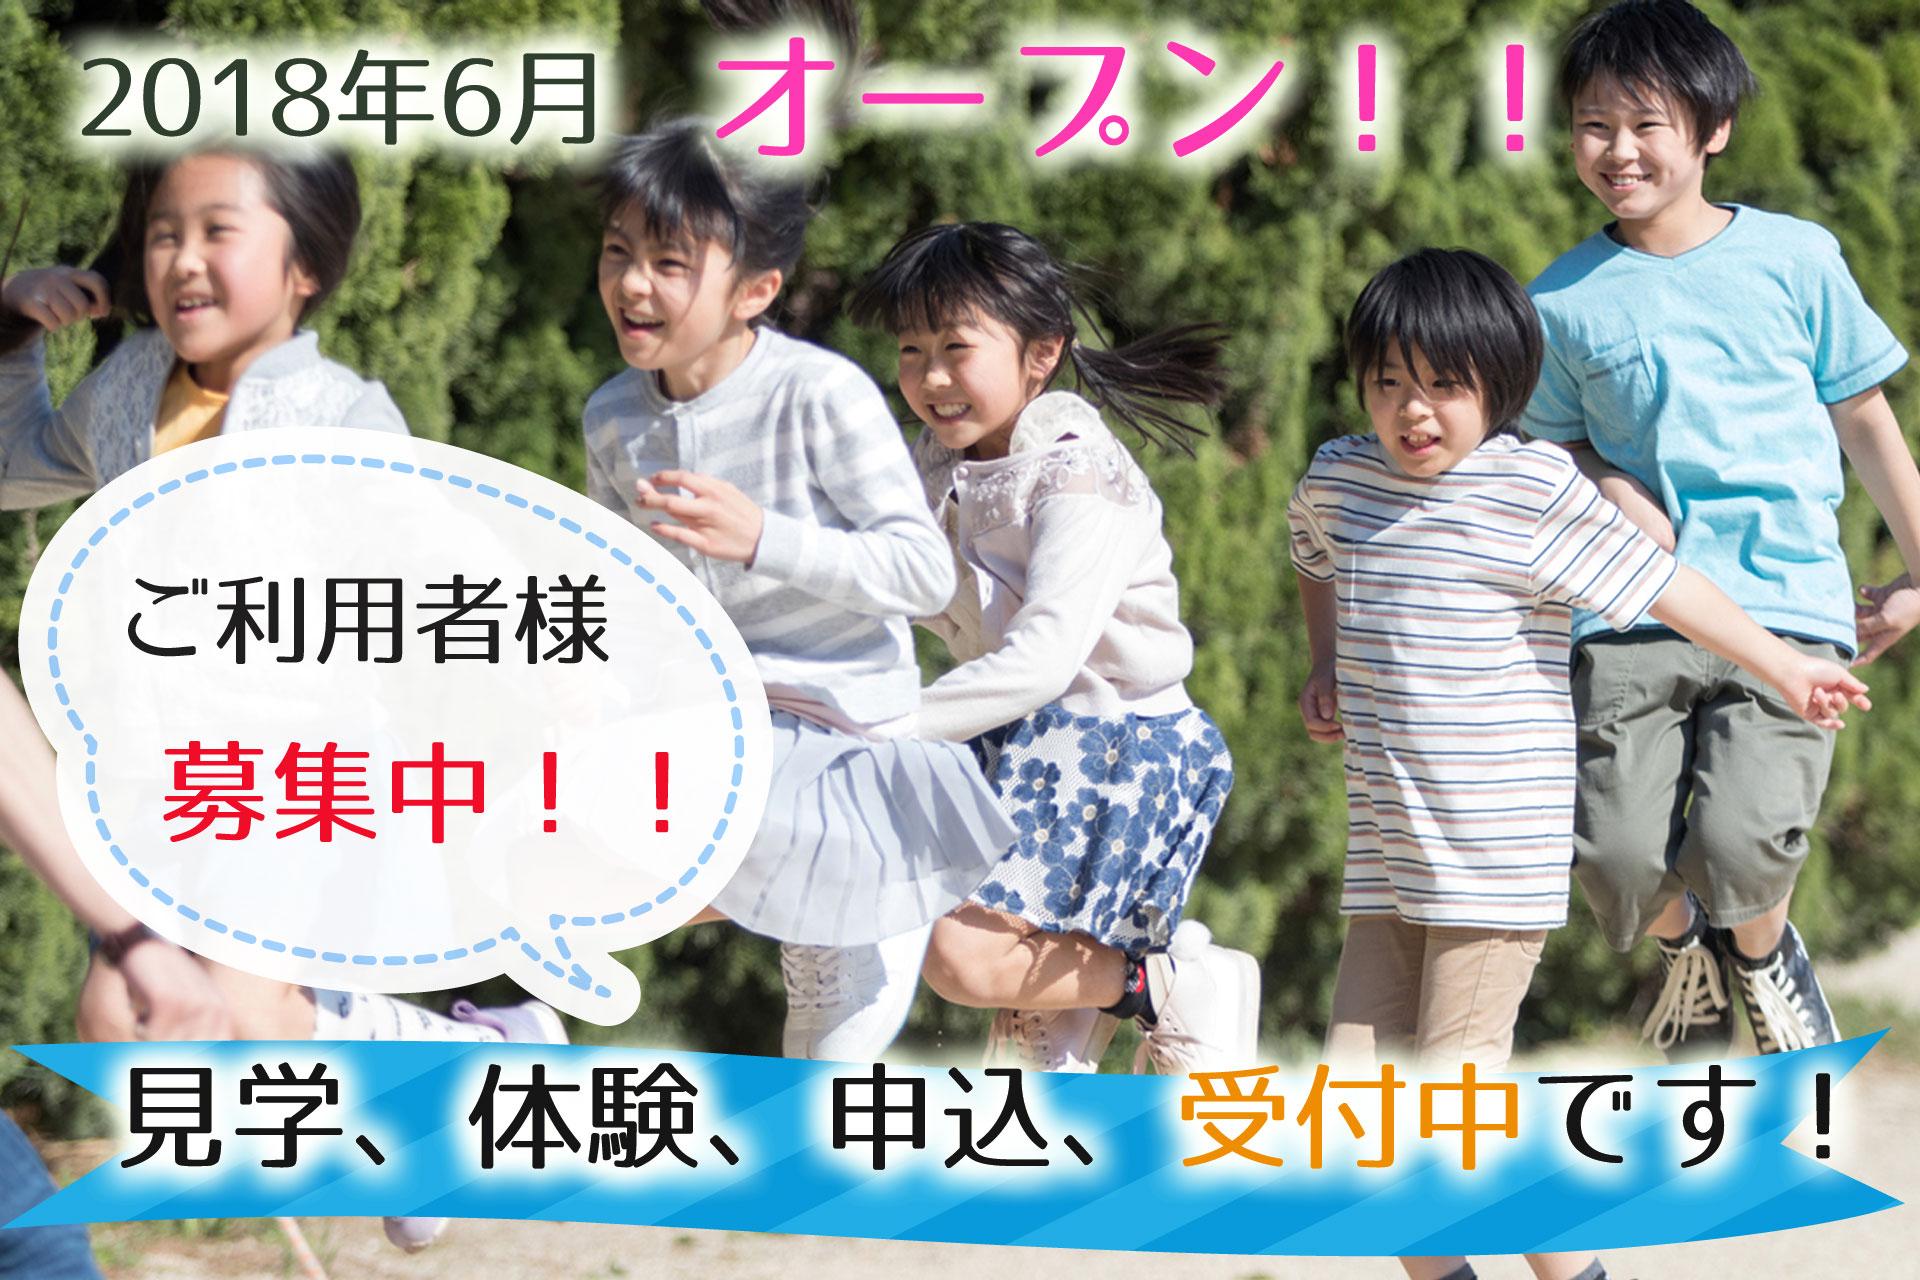 京都の放課後等デイサービスJiria(じりあ)01